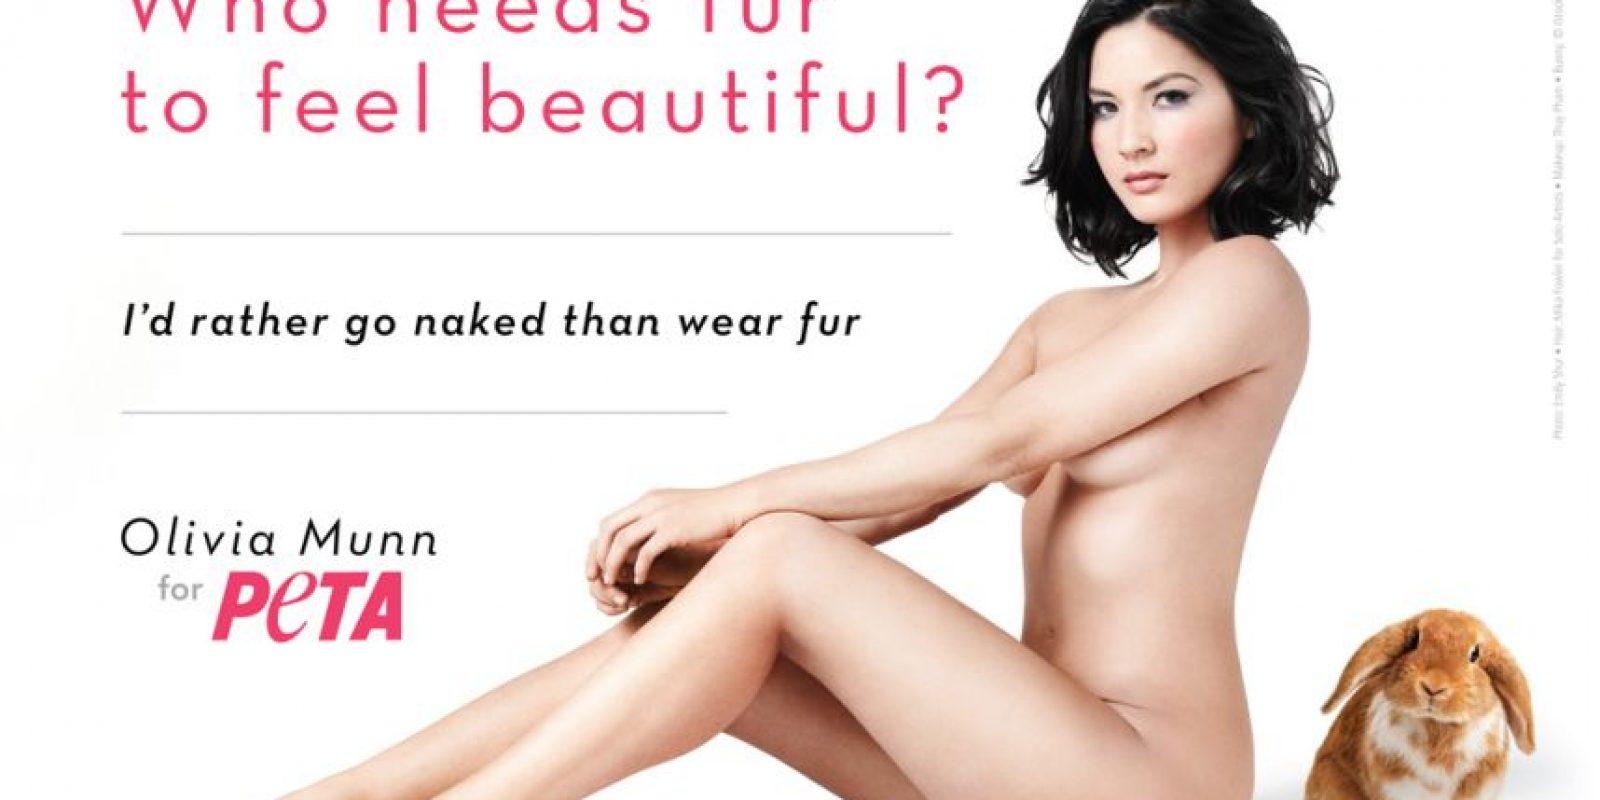 En 2012, la modelo y actriz posó desnuda para demostrar que las mujeres no necesitan usar las pieles de los animales como vestido. Foto:PETA